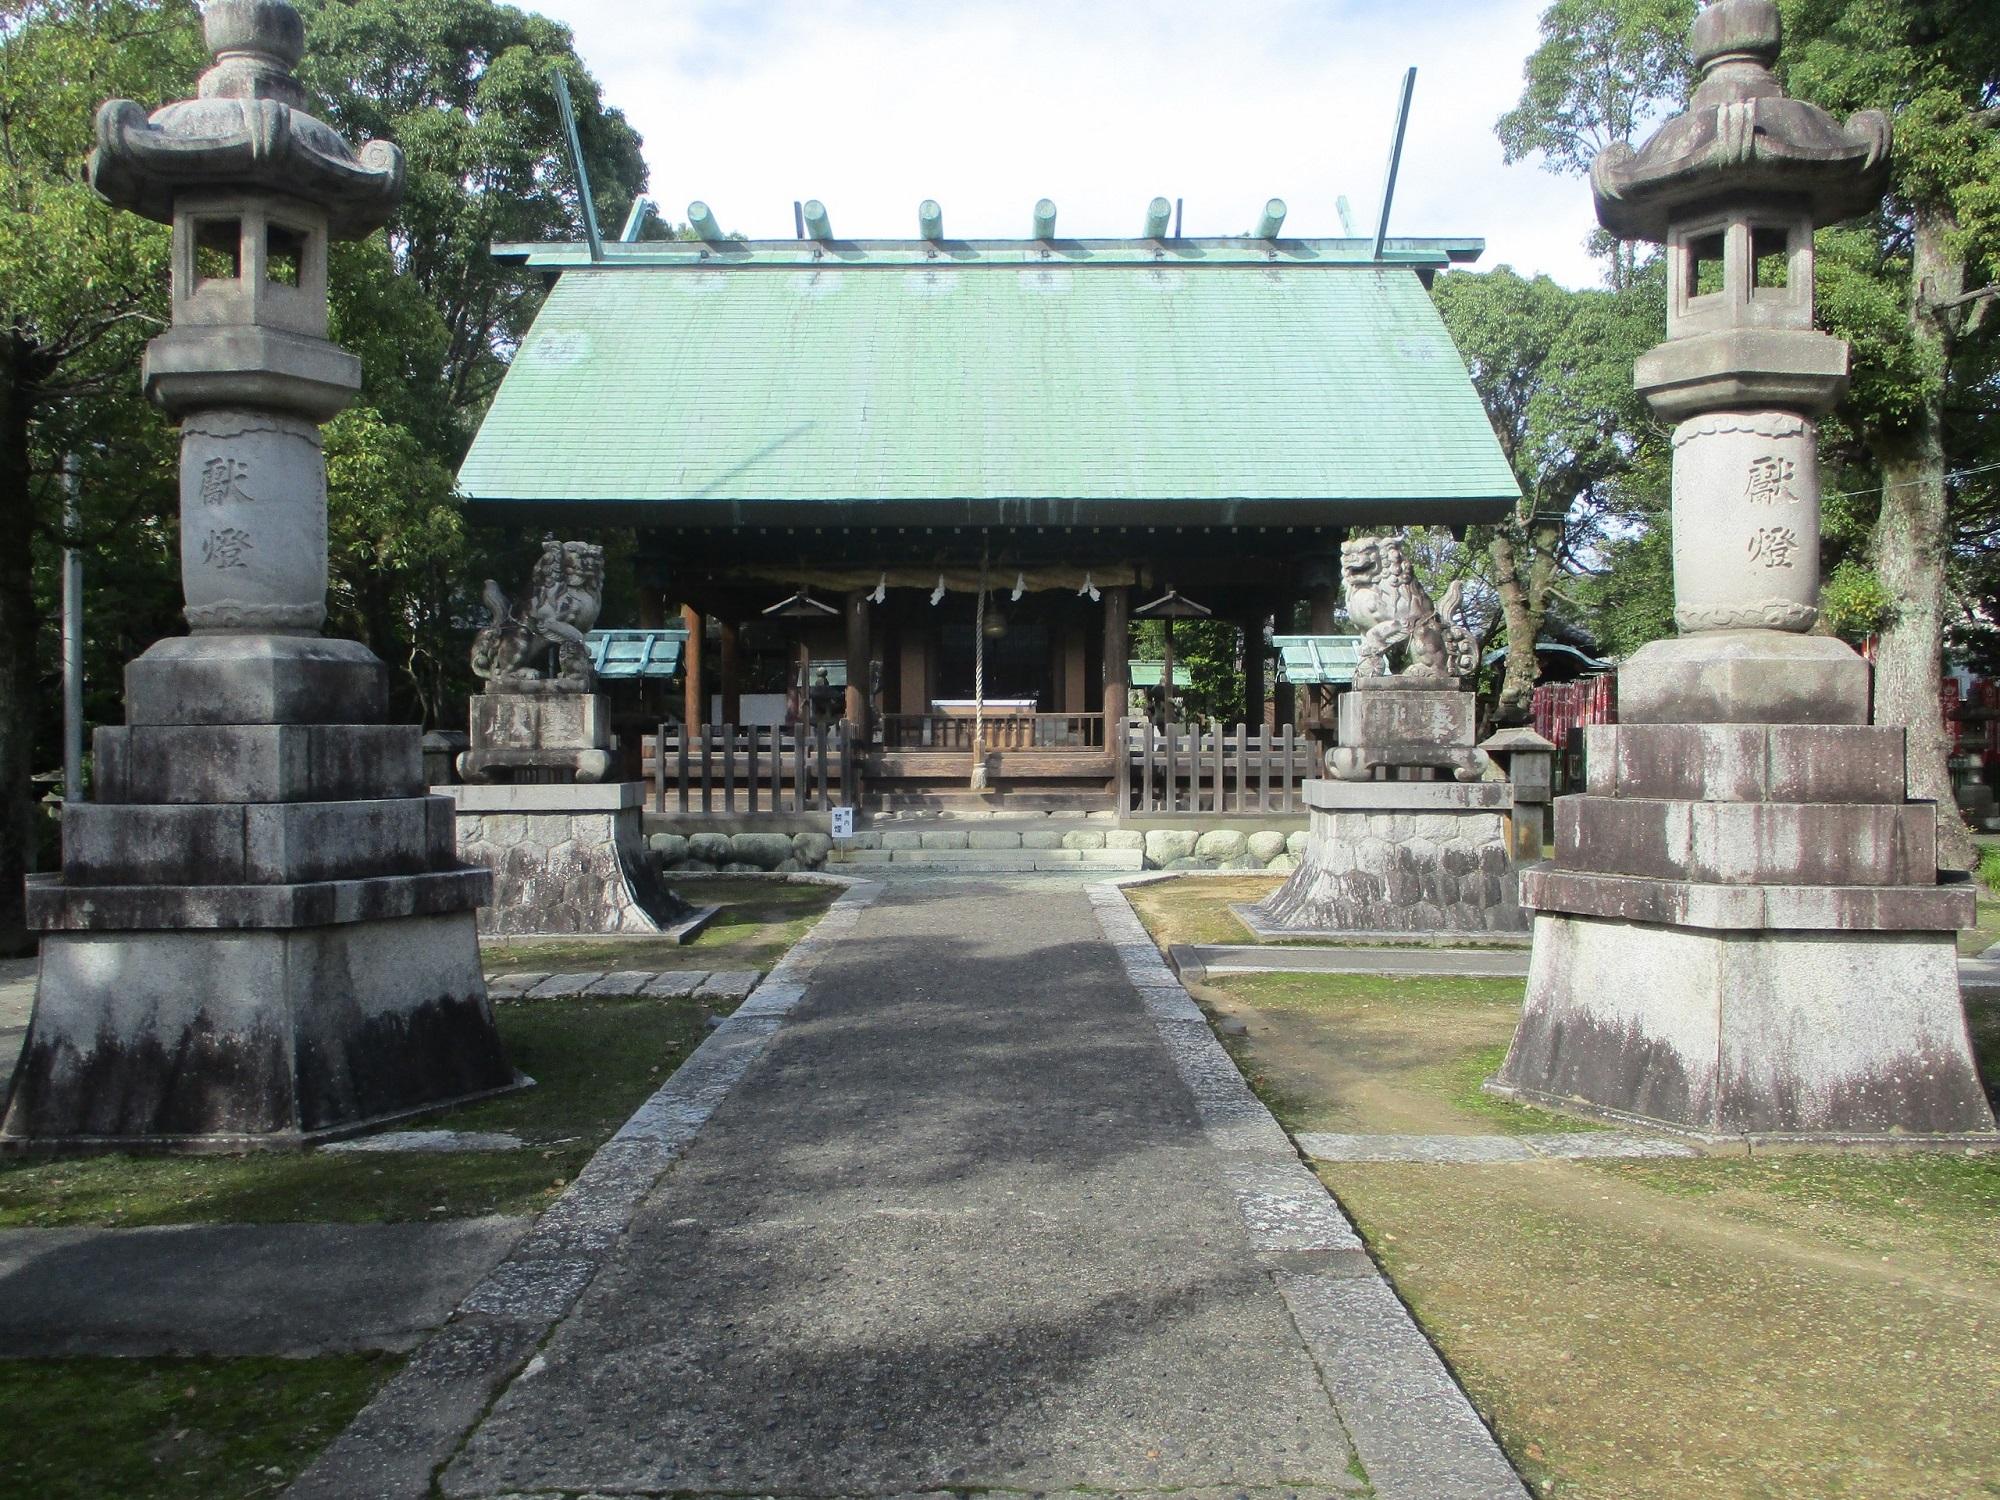 2019.10.23 (103) 貴船神明社 - 拝殿 2000-1500